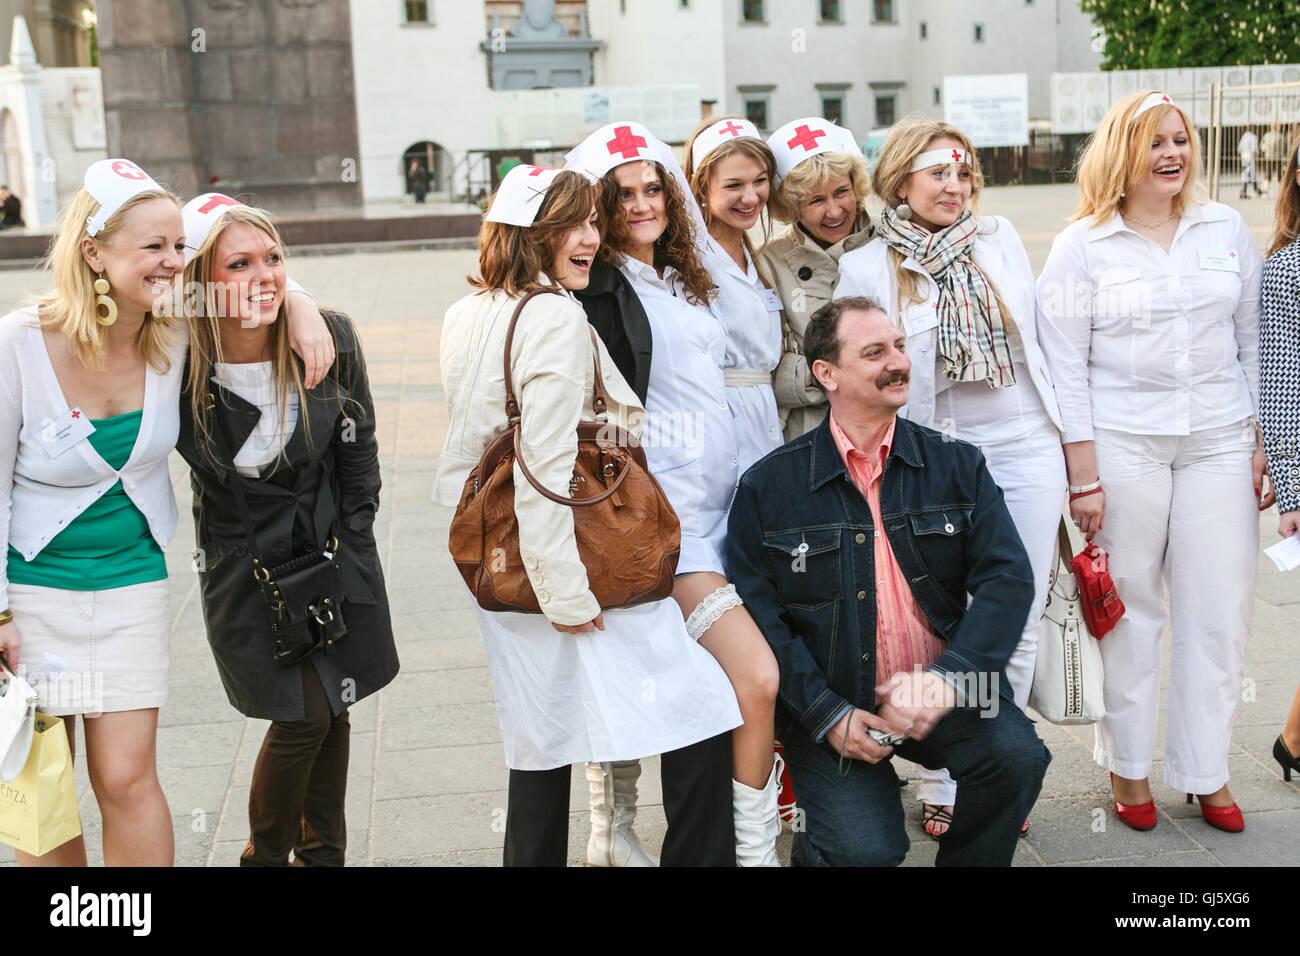 Hennen, von a, Polterabend, Henne, verkleidet als, Krankenschwestern ...